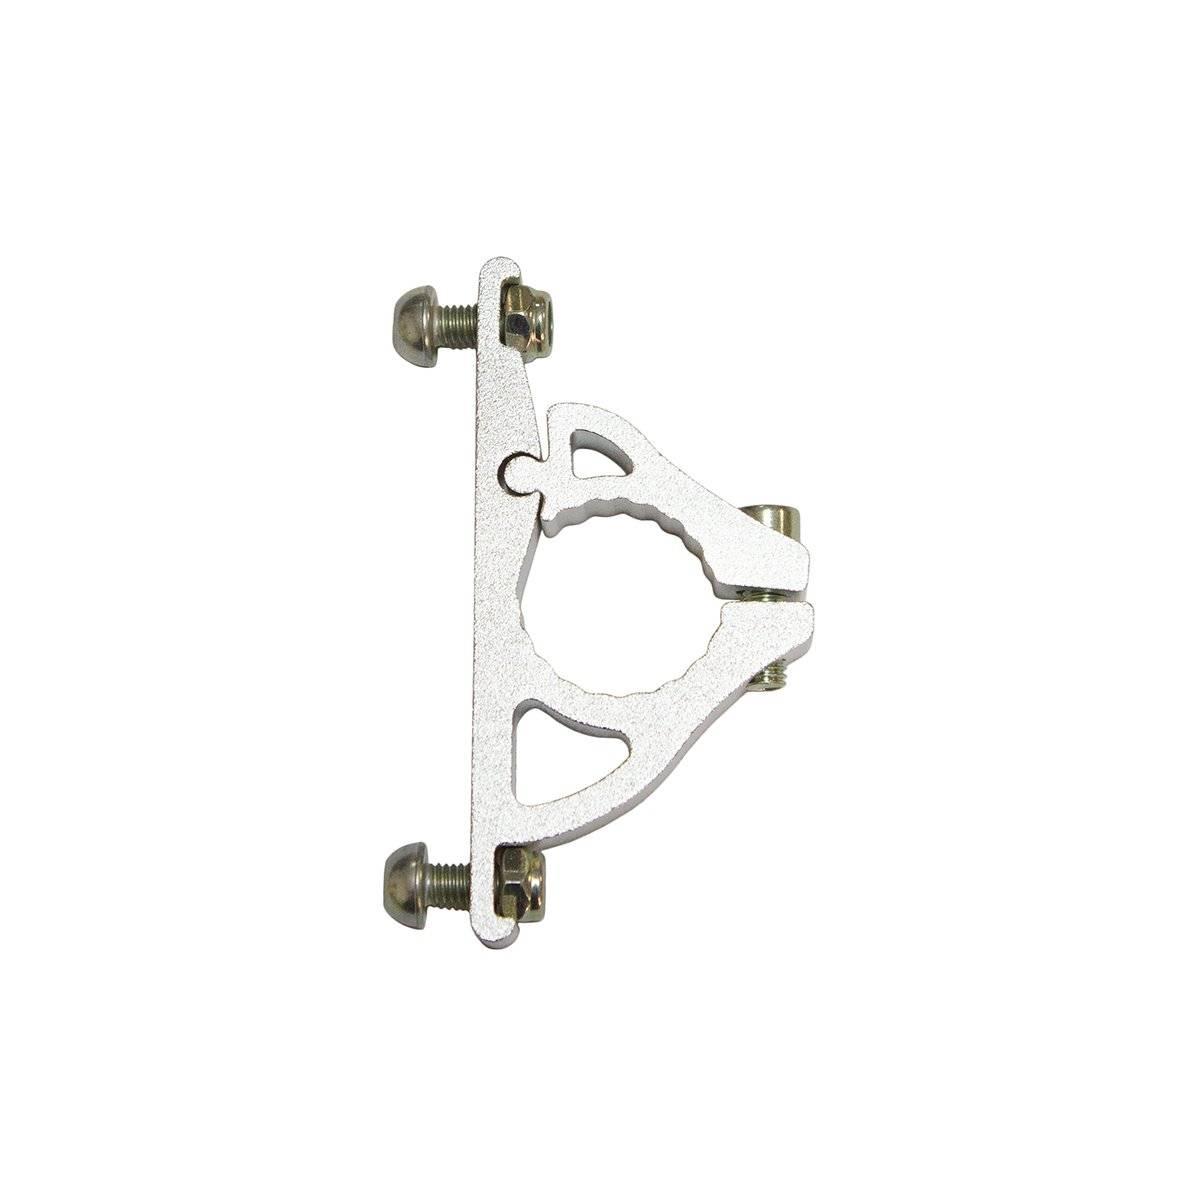 Фото - Адаптер для флягодержателя OSTAND CD-07, на руль D 22,2 мм, алюминий, серебристый, CD-07 адаптер b twin крепеж для флягодержателя на руль на вынос руля или на подседельный штырь